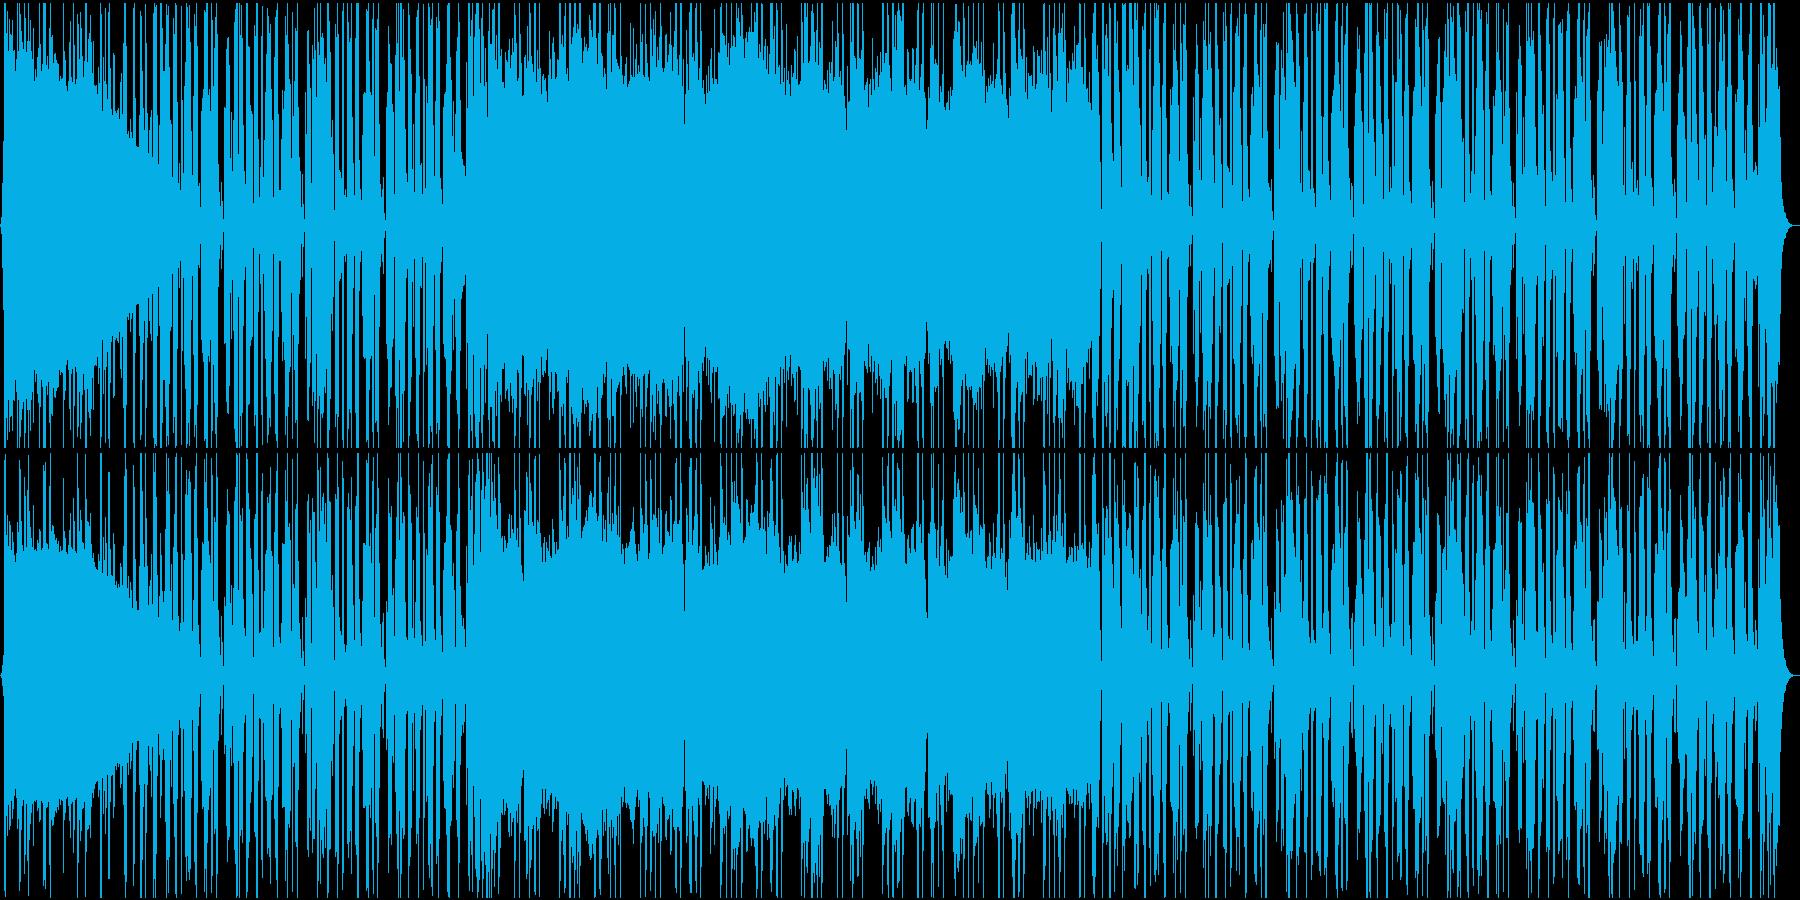 軽快で歪みの少ないバンドサウンドの再生済みの波形